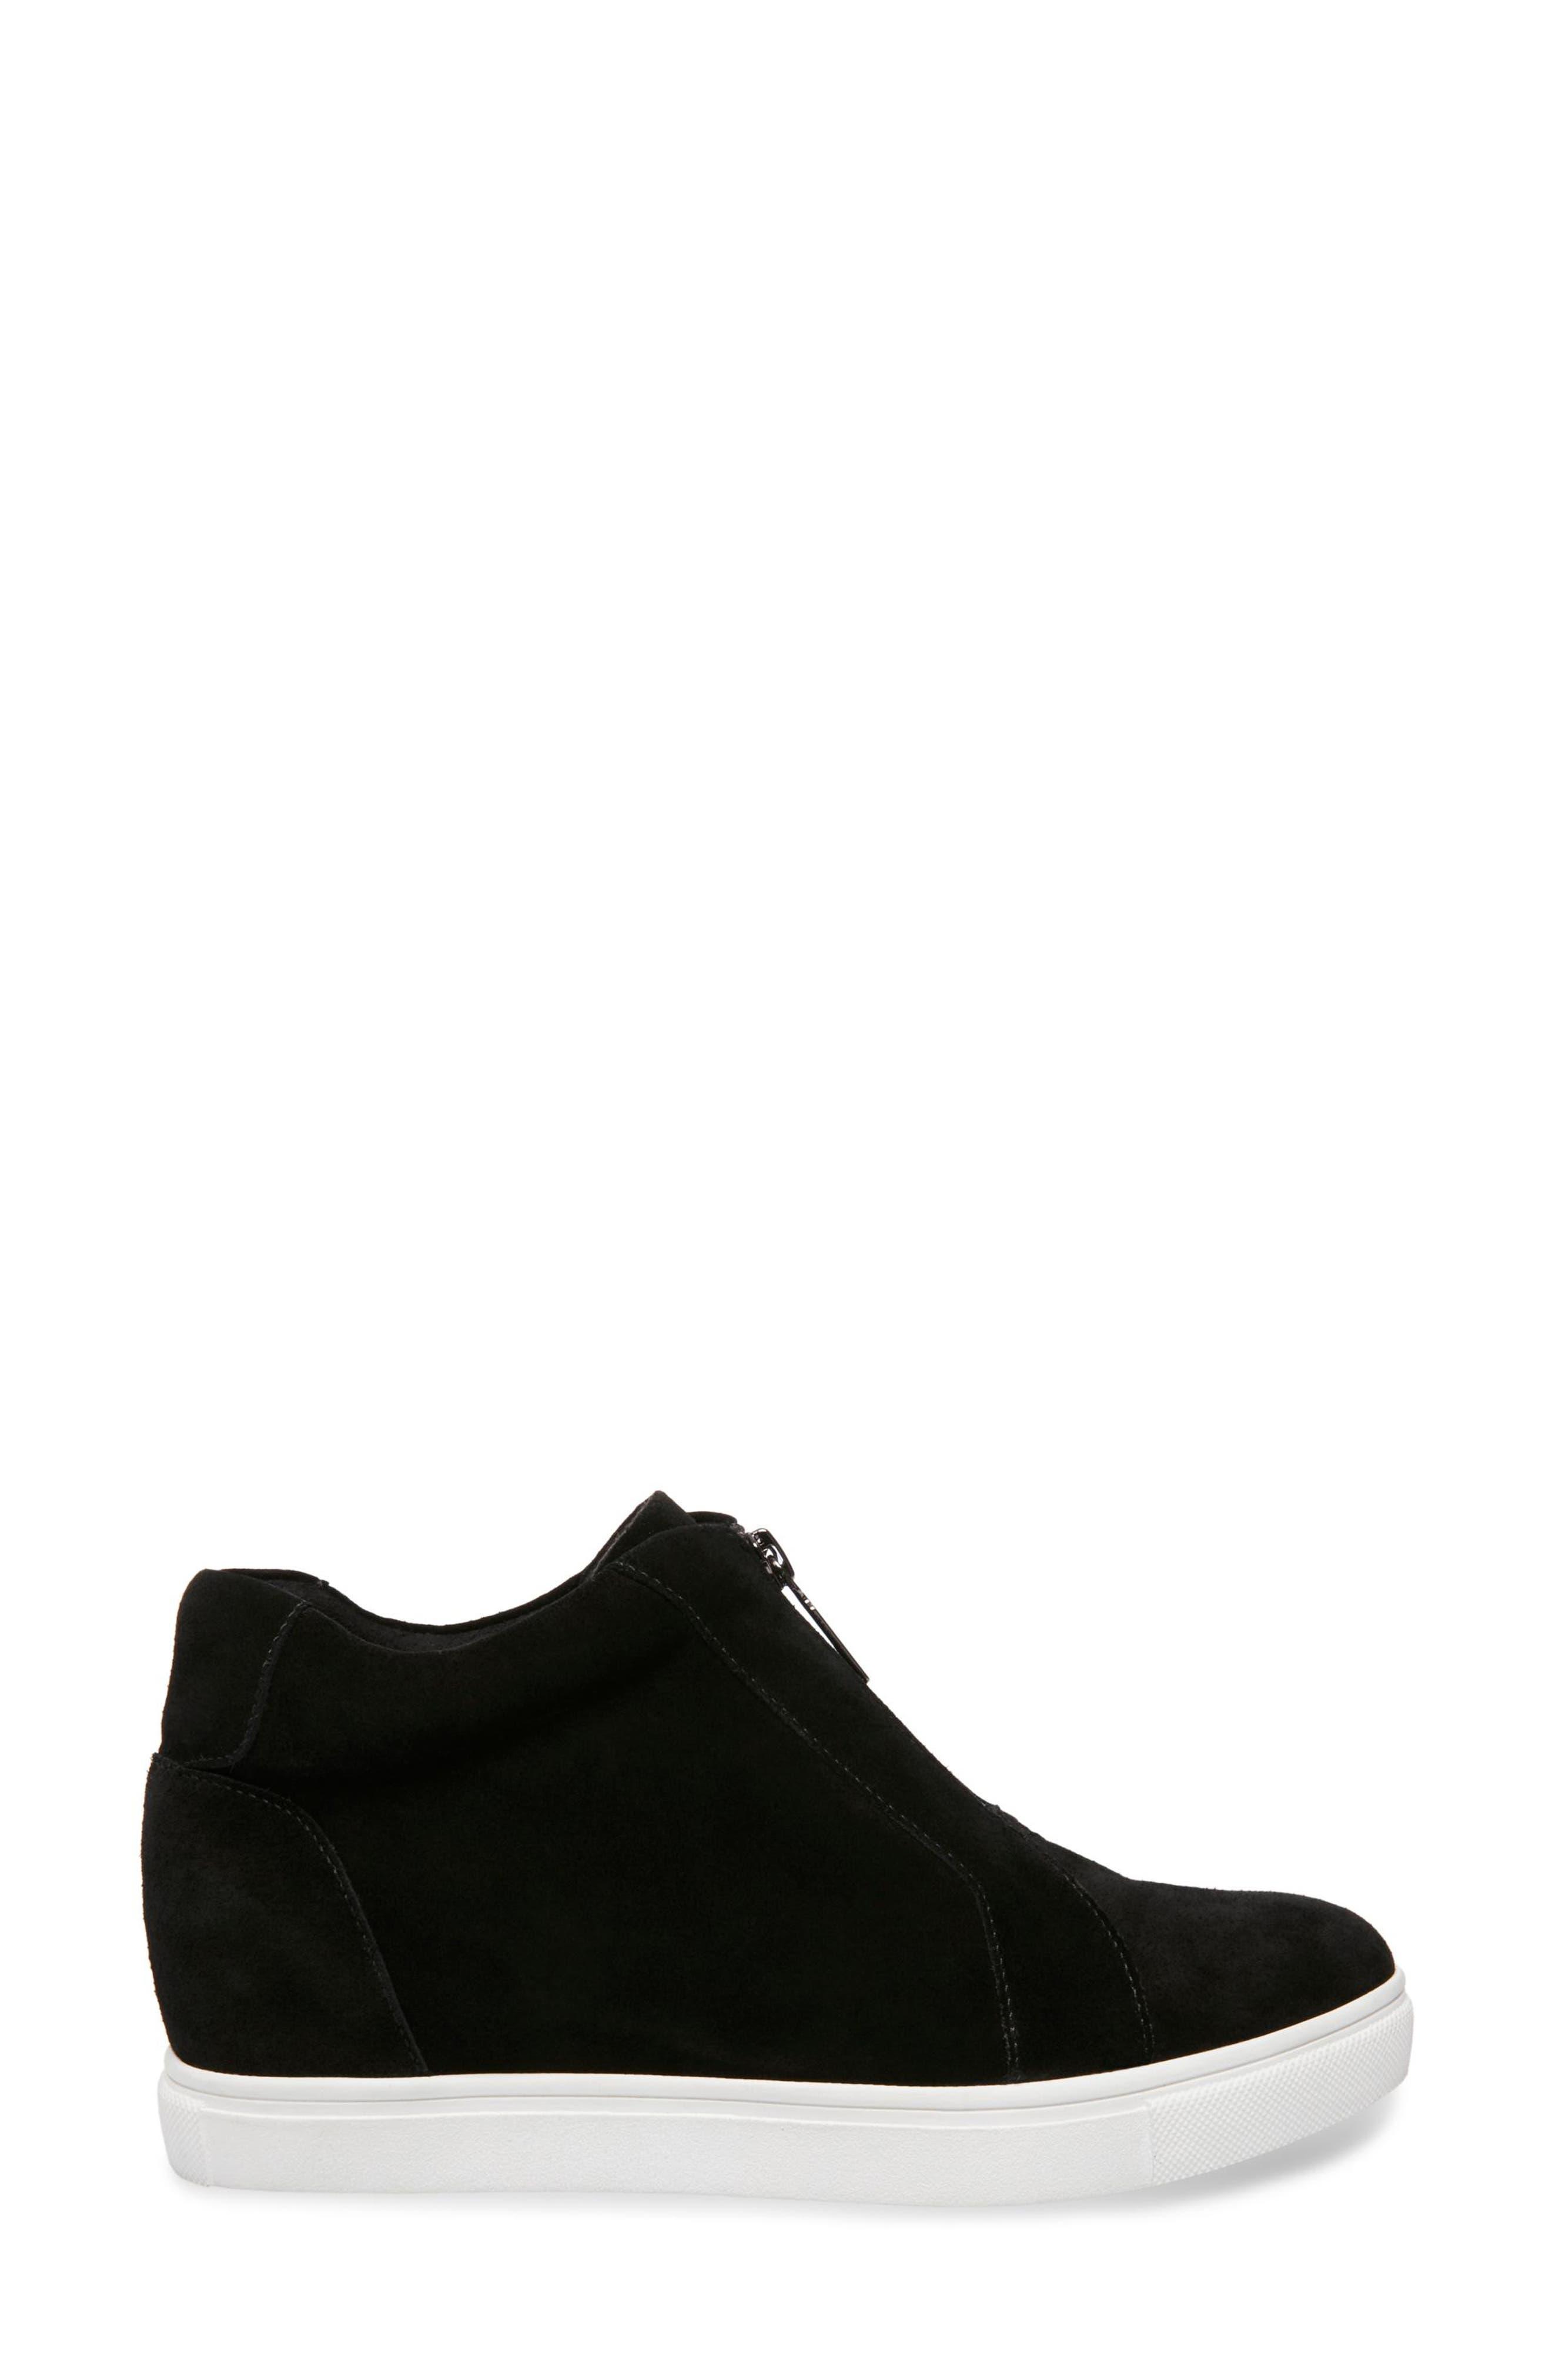 BLONDO, Glenda Waterproof Sneaker Bootie, Alternate thumbnail 3, color, BLACK SUEDE